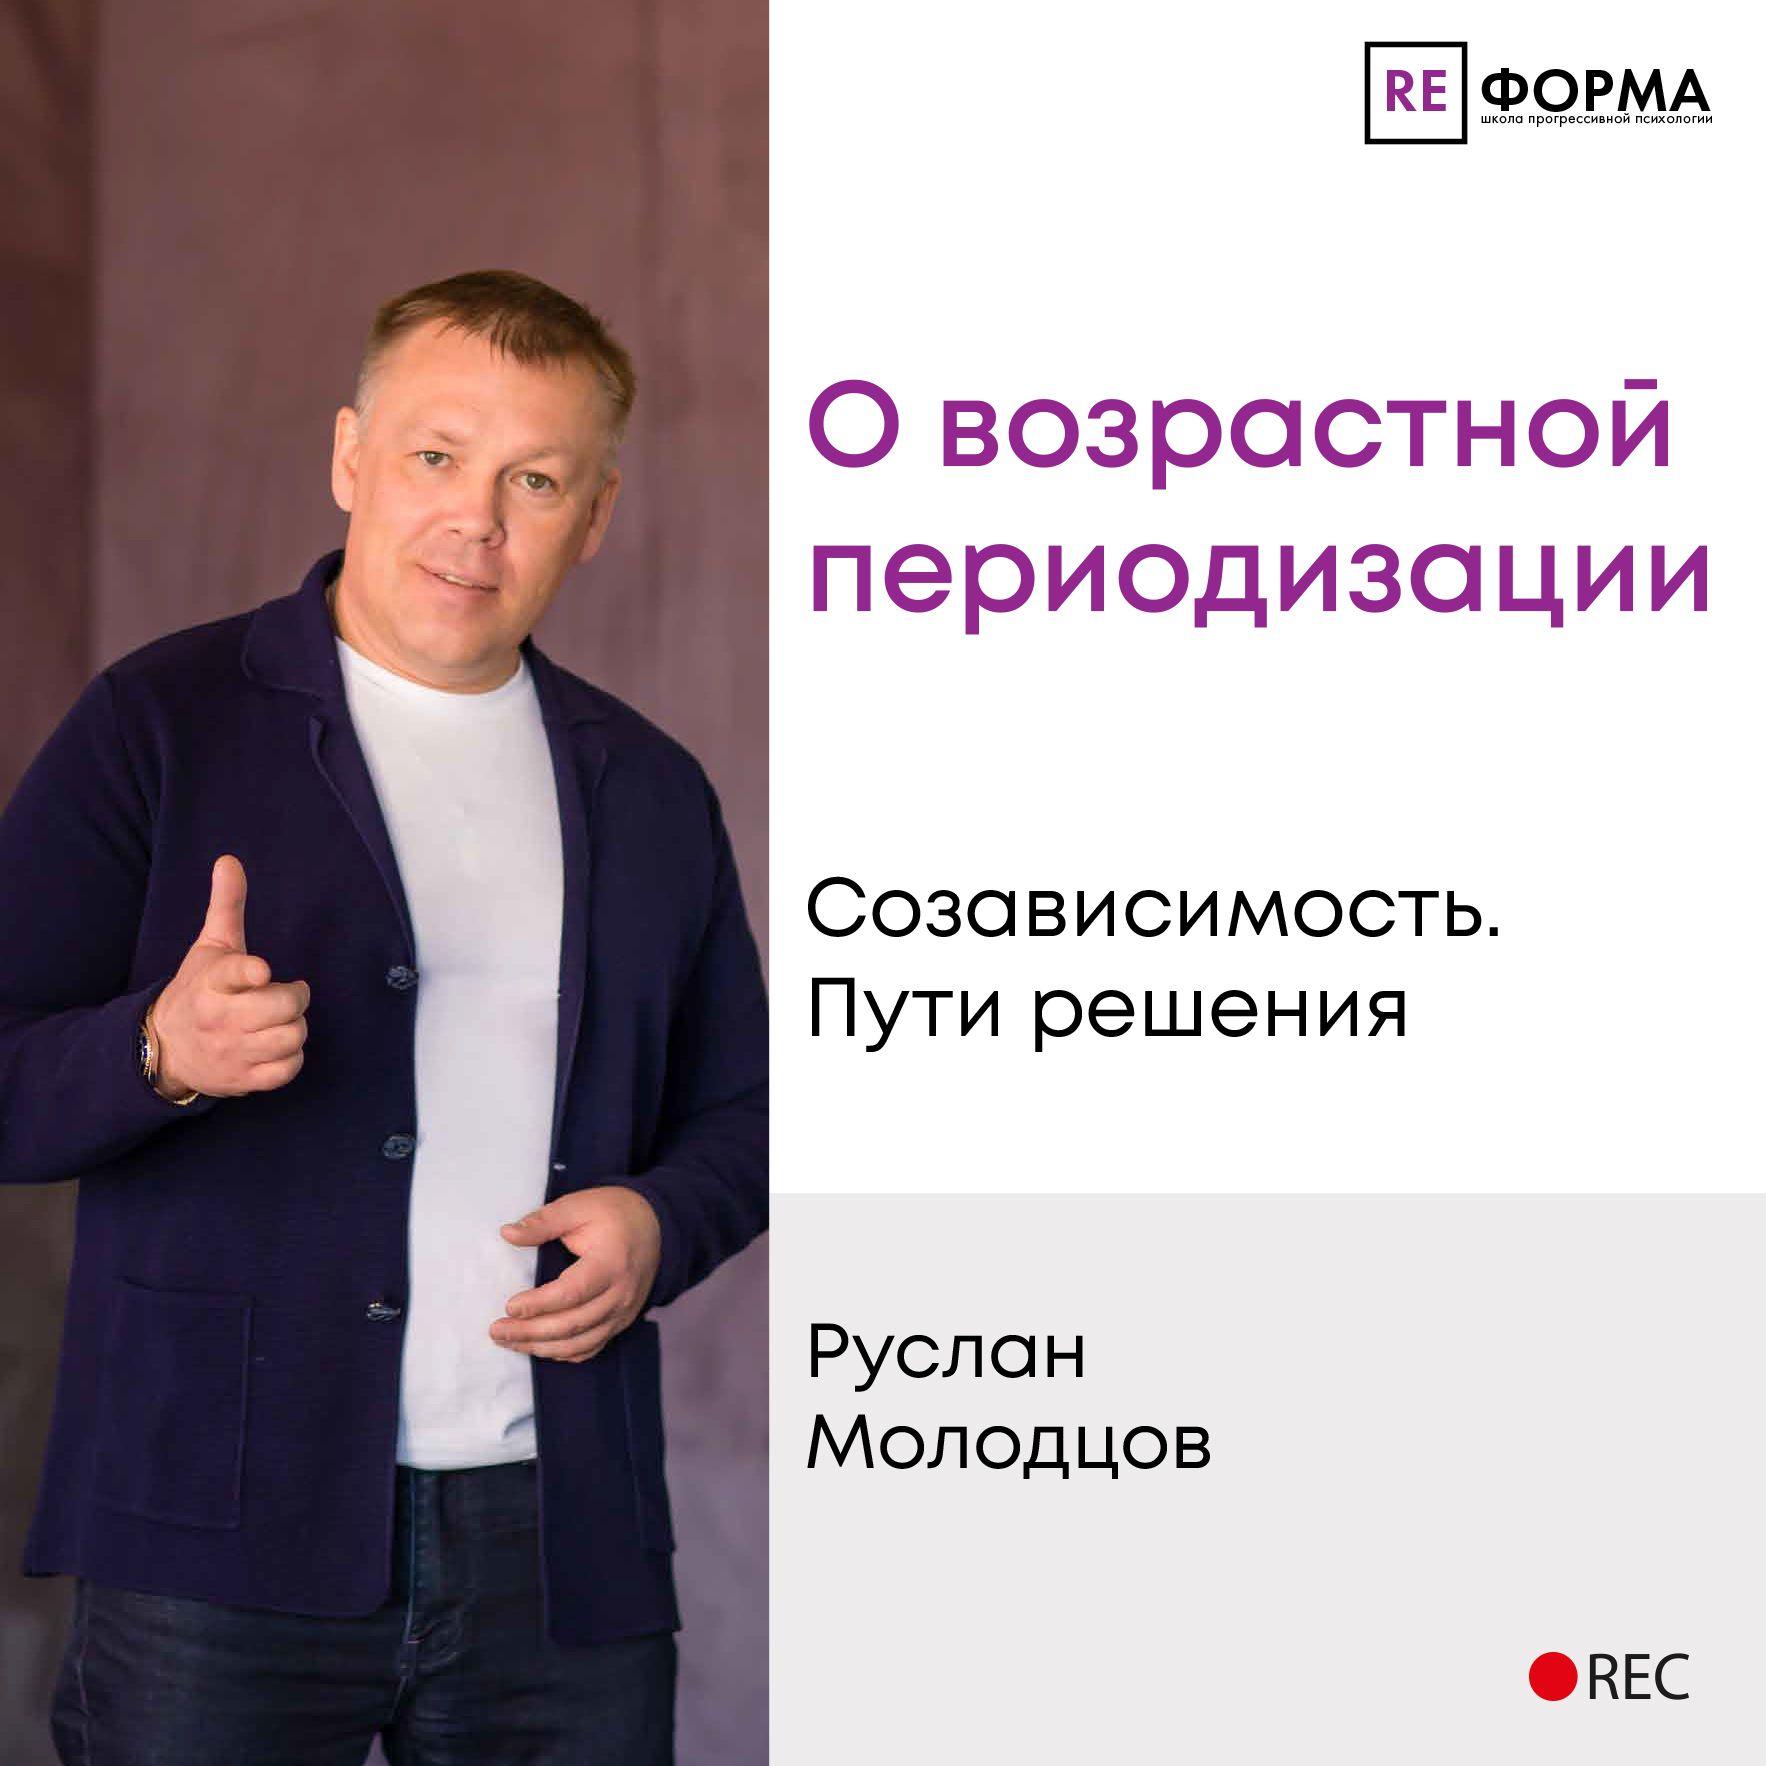 Купить книгу О возрастной периодизации, автора Руслана Молодцова